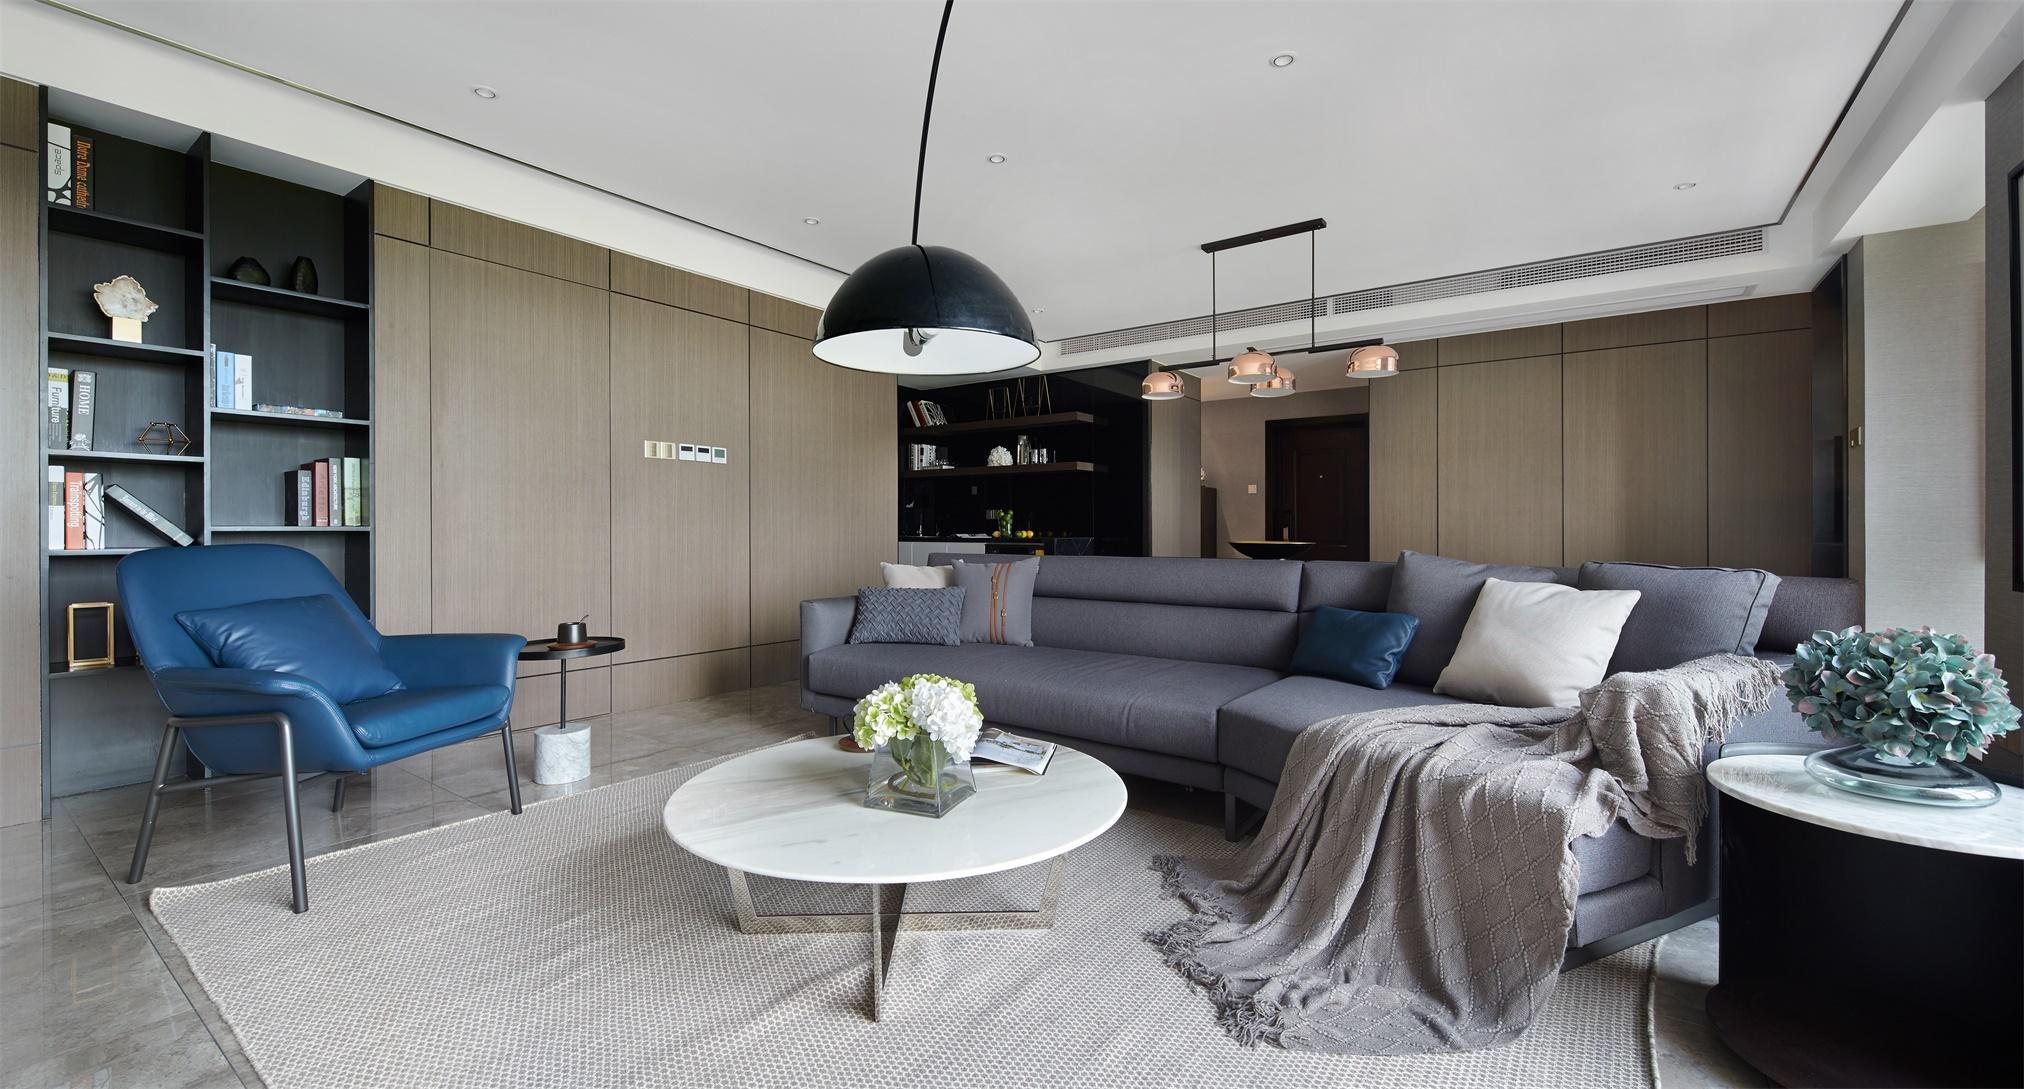 客厅空间是家的缩影,大面积使用原木作为背景墙,打造出独特的空间视觉。